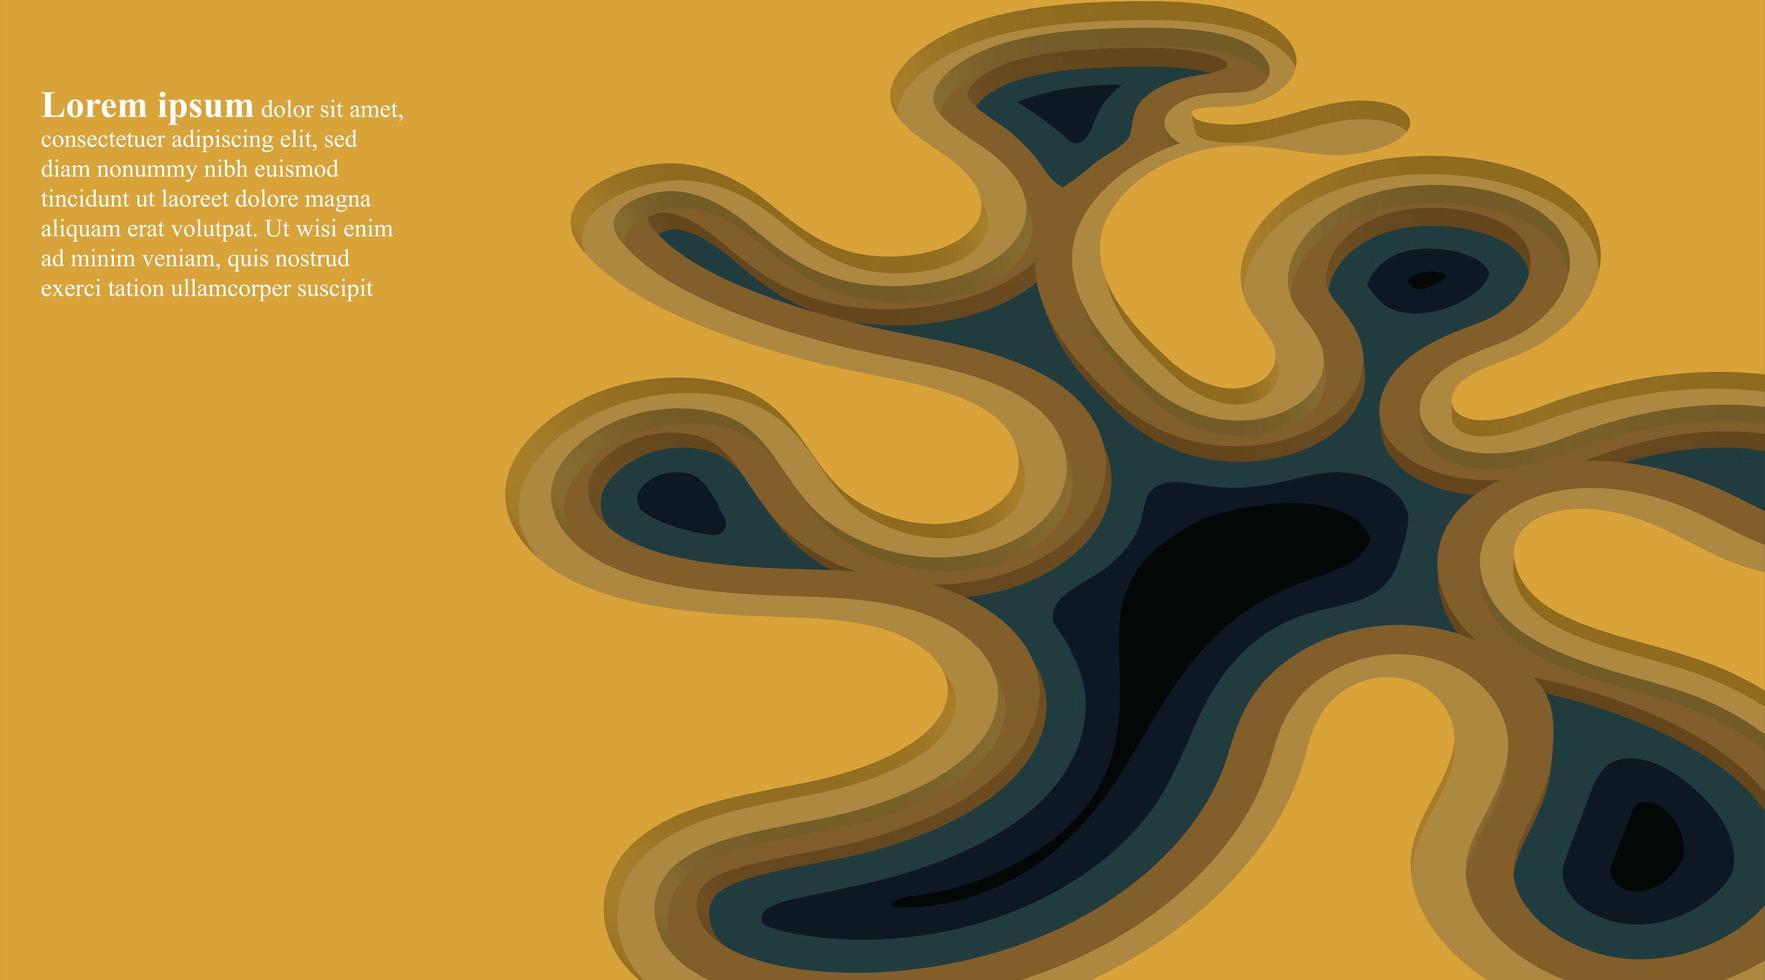 abstrakt vektor bakgrund. design illustration 3d staplade flytande former